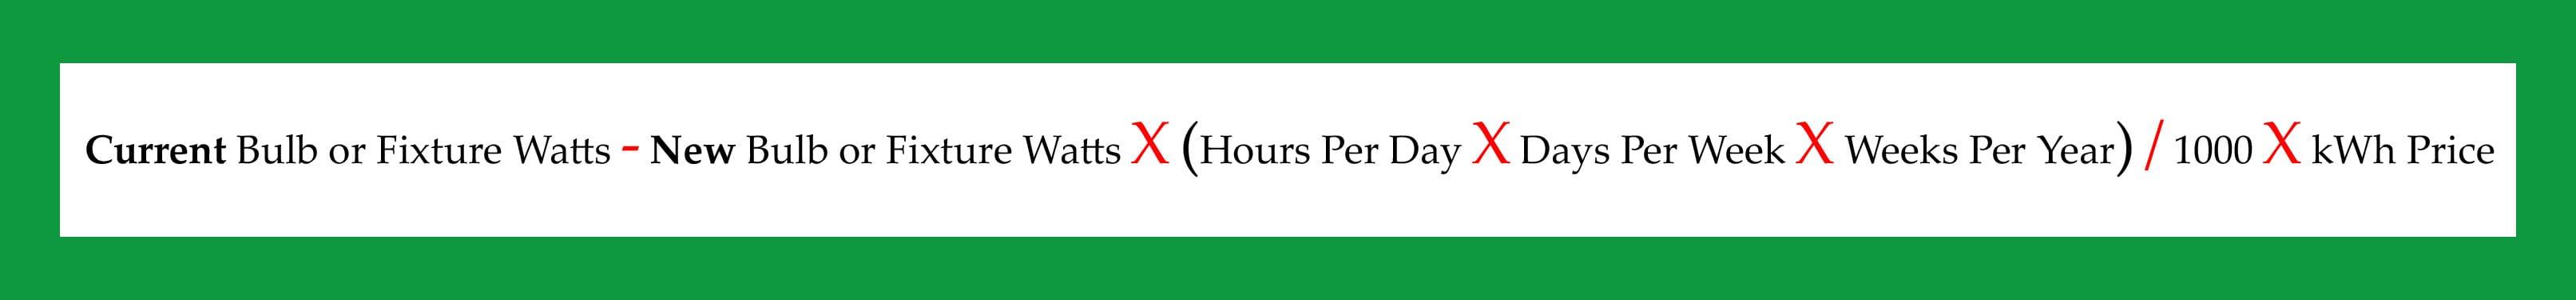 energy savings calculation logo3 green border